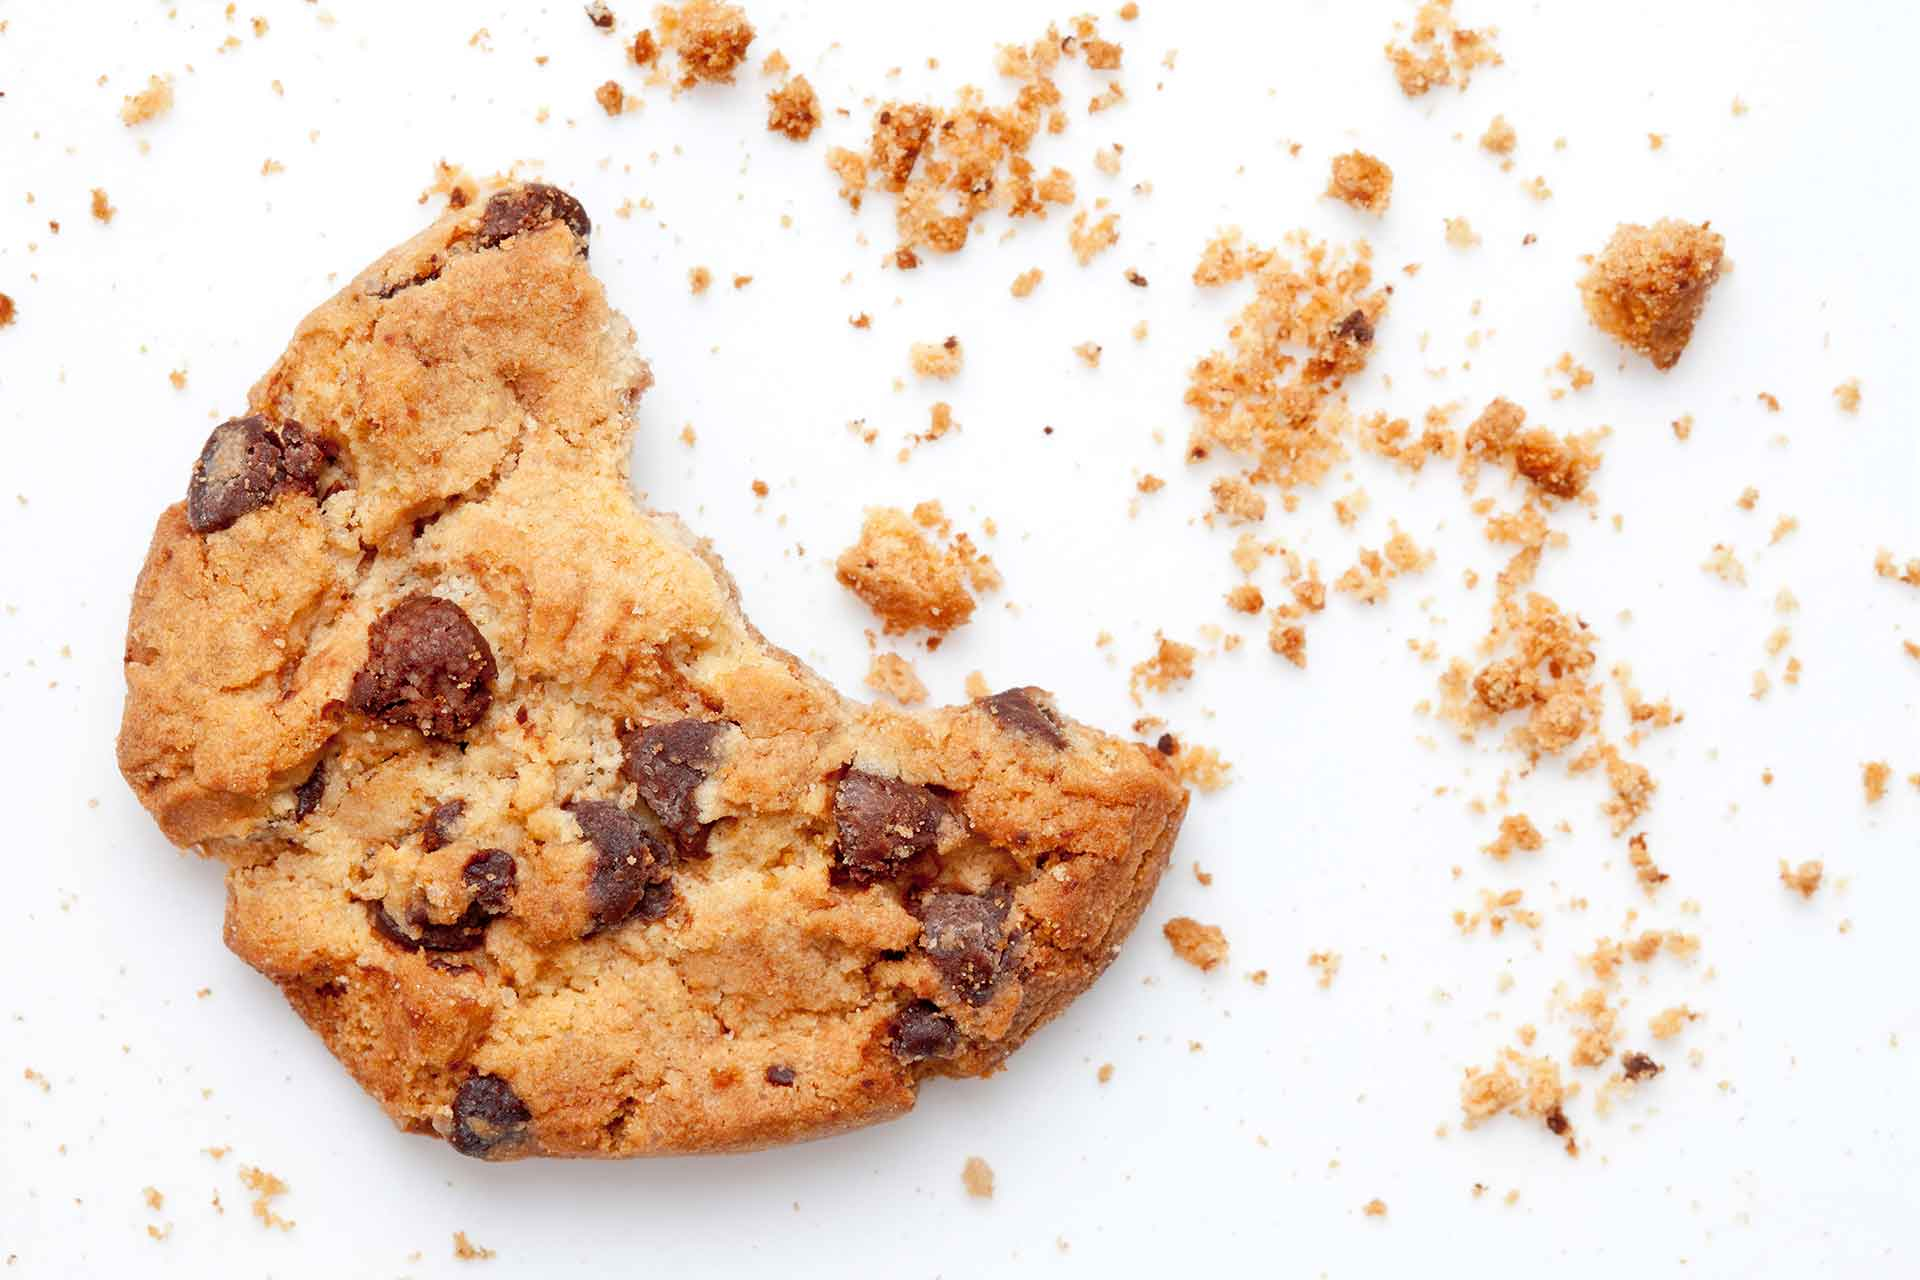 Cookieverklaring strafrecht advocaat - Weening Strafrechtadvocaten